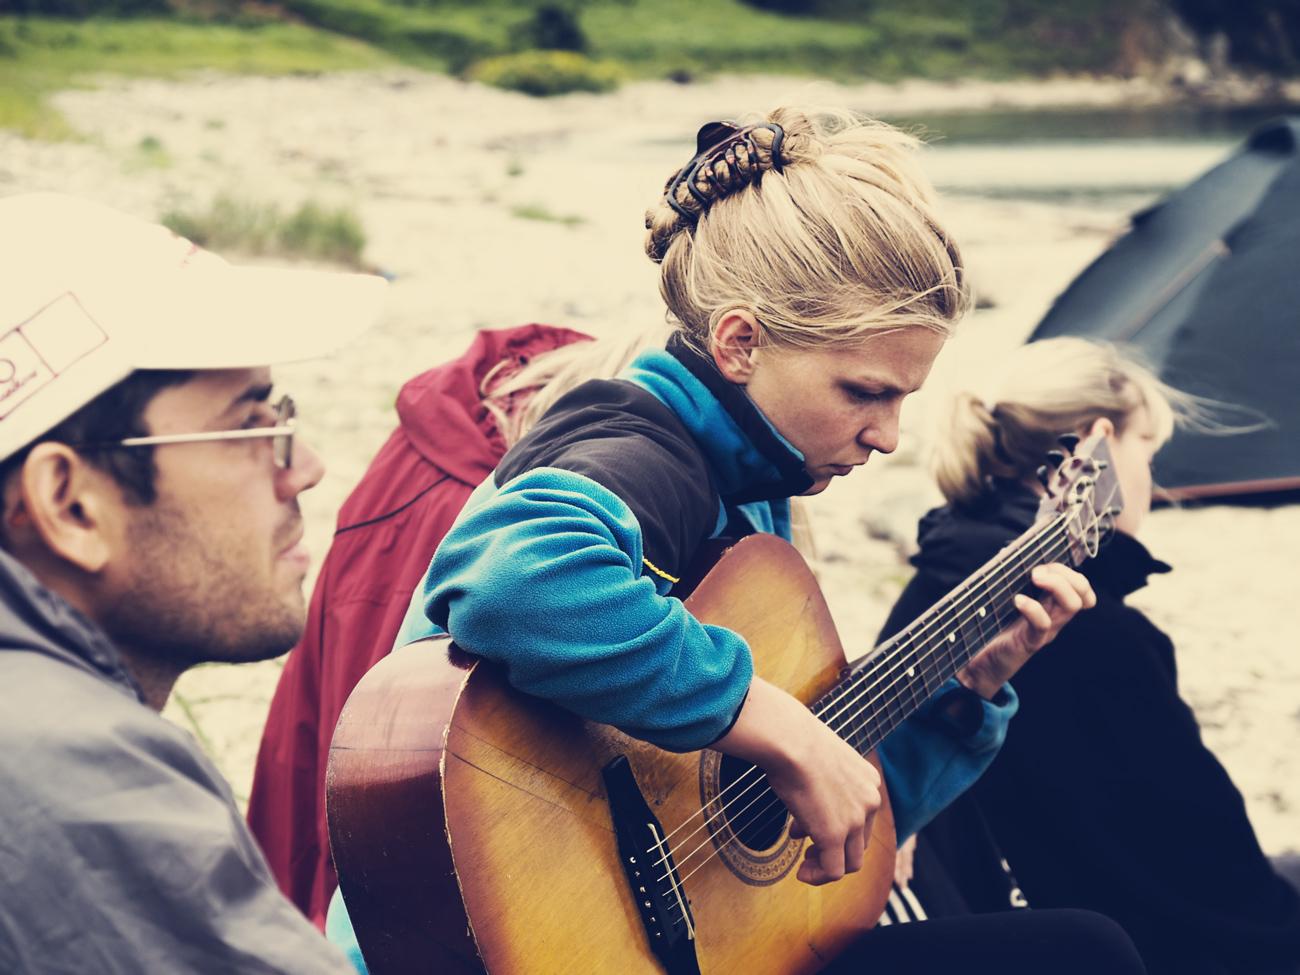 Mädchen spielt Gitarre draußen